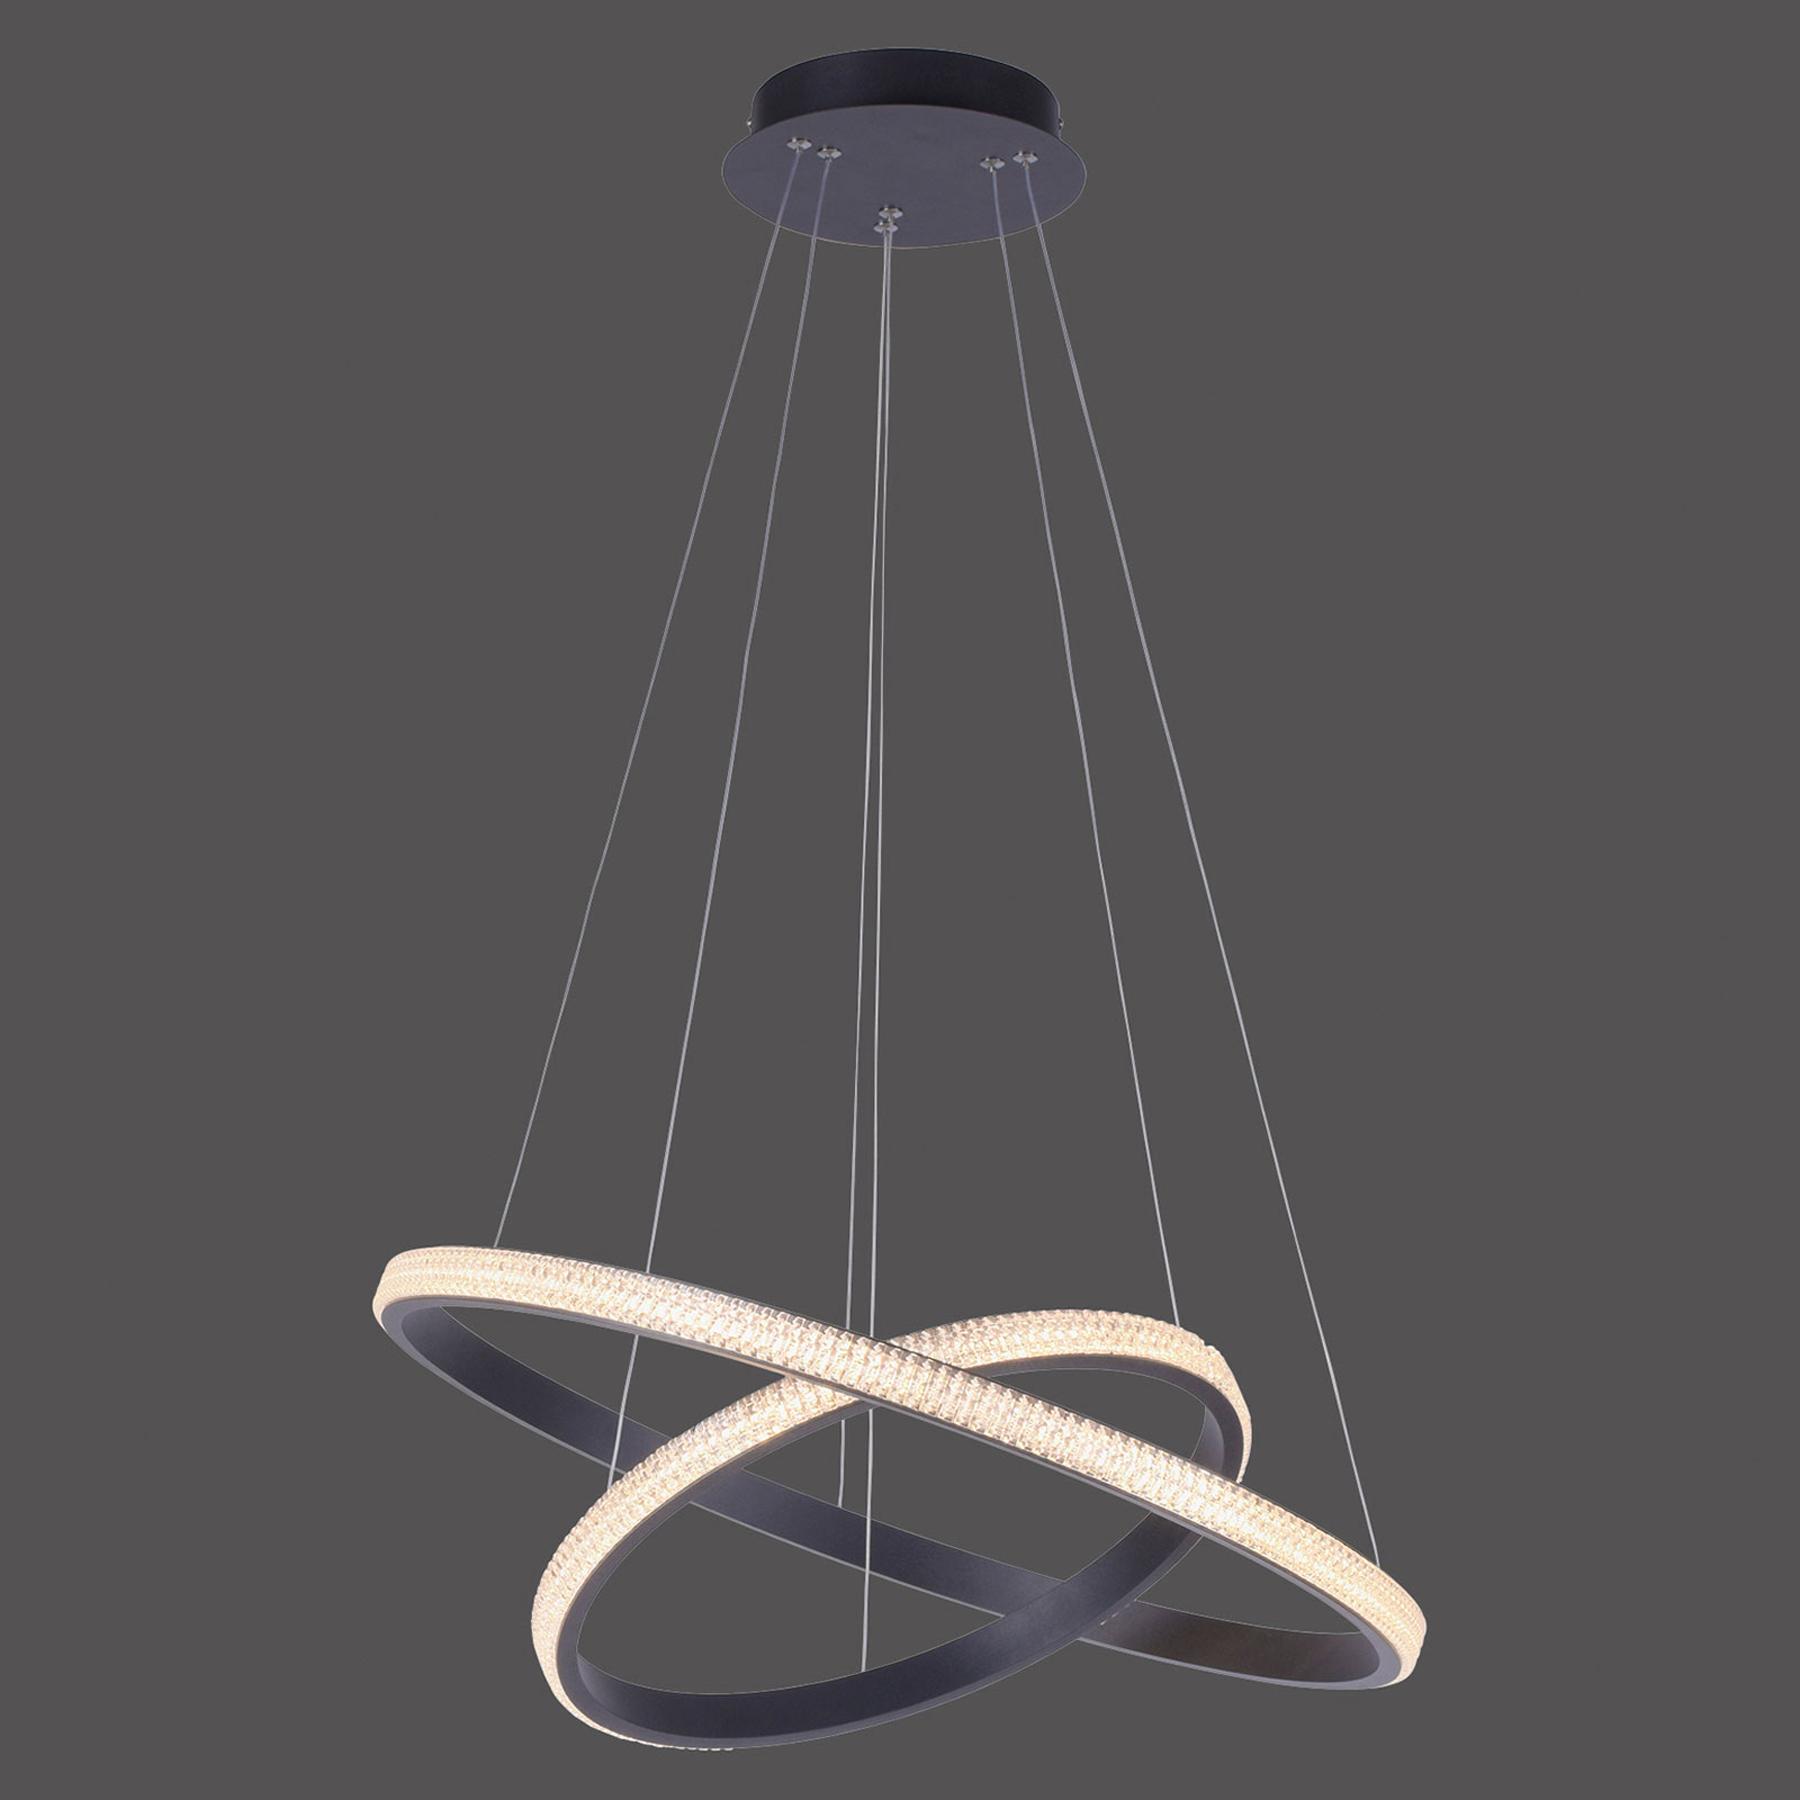 LED-Hängeleuchte Musa, 2 Ringe, schwarz, dimmbar